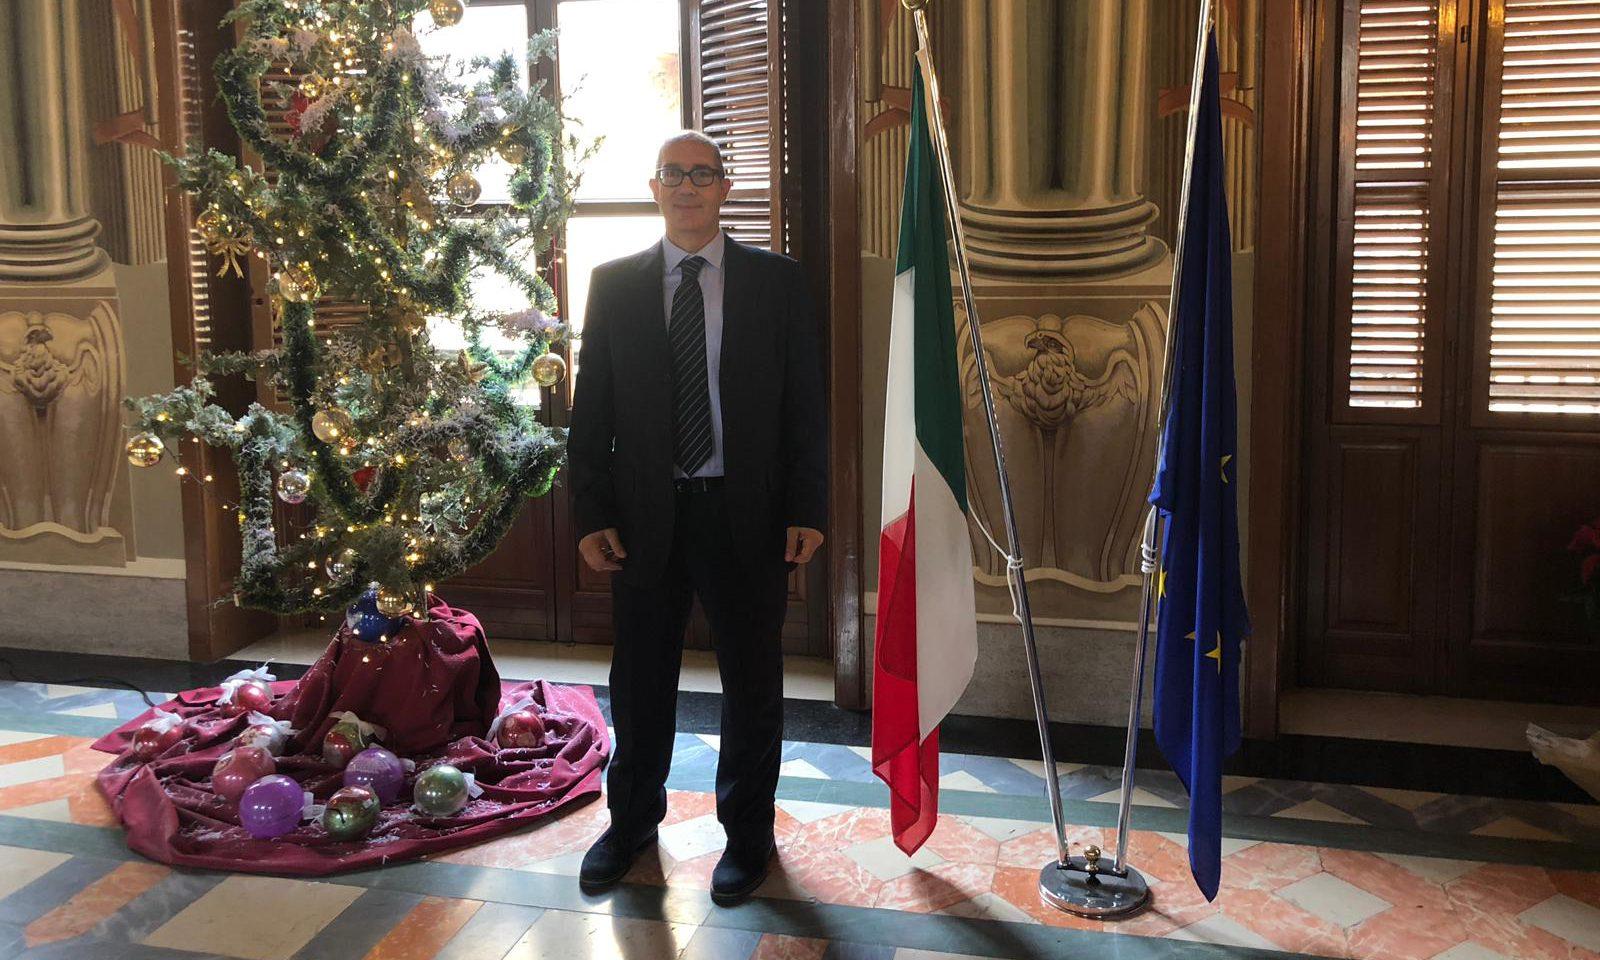 L'eccellenza di Santa Croce: Antonio Distefano nuovo Cavaliere al merito